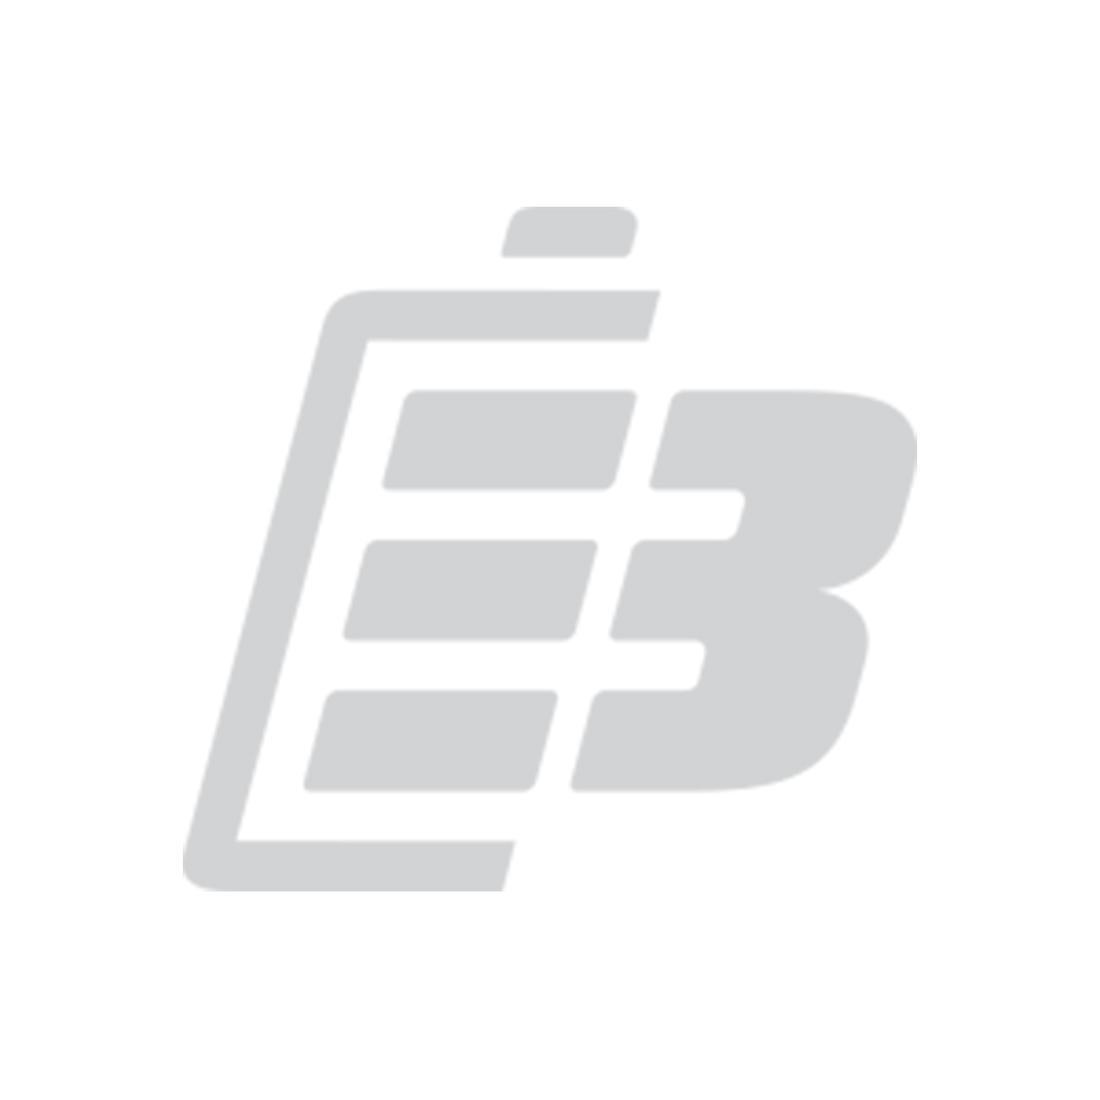 Μπαταρία smartphone LG Optimus 3D_1